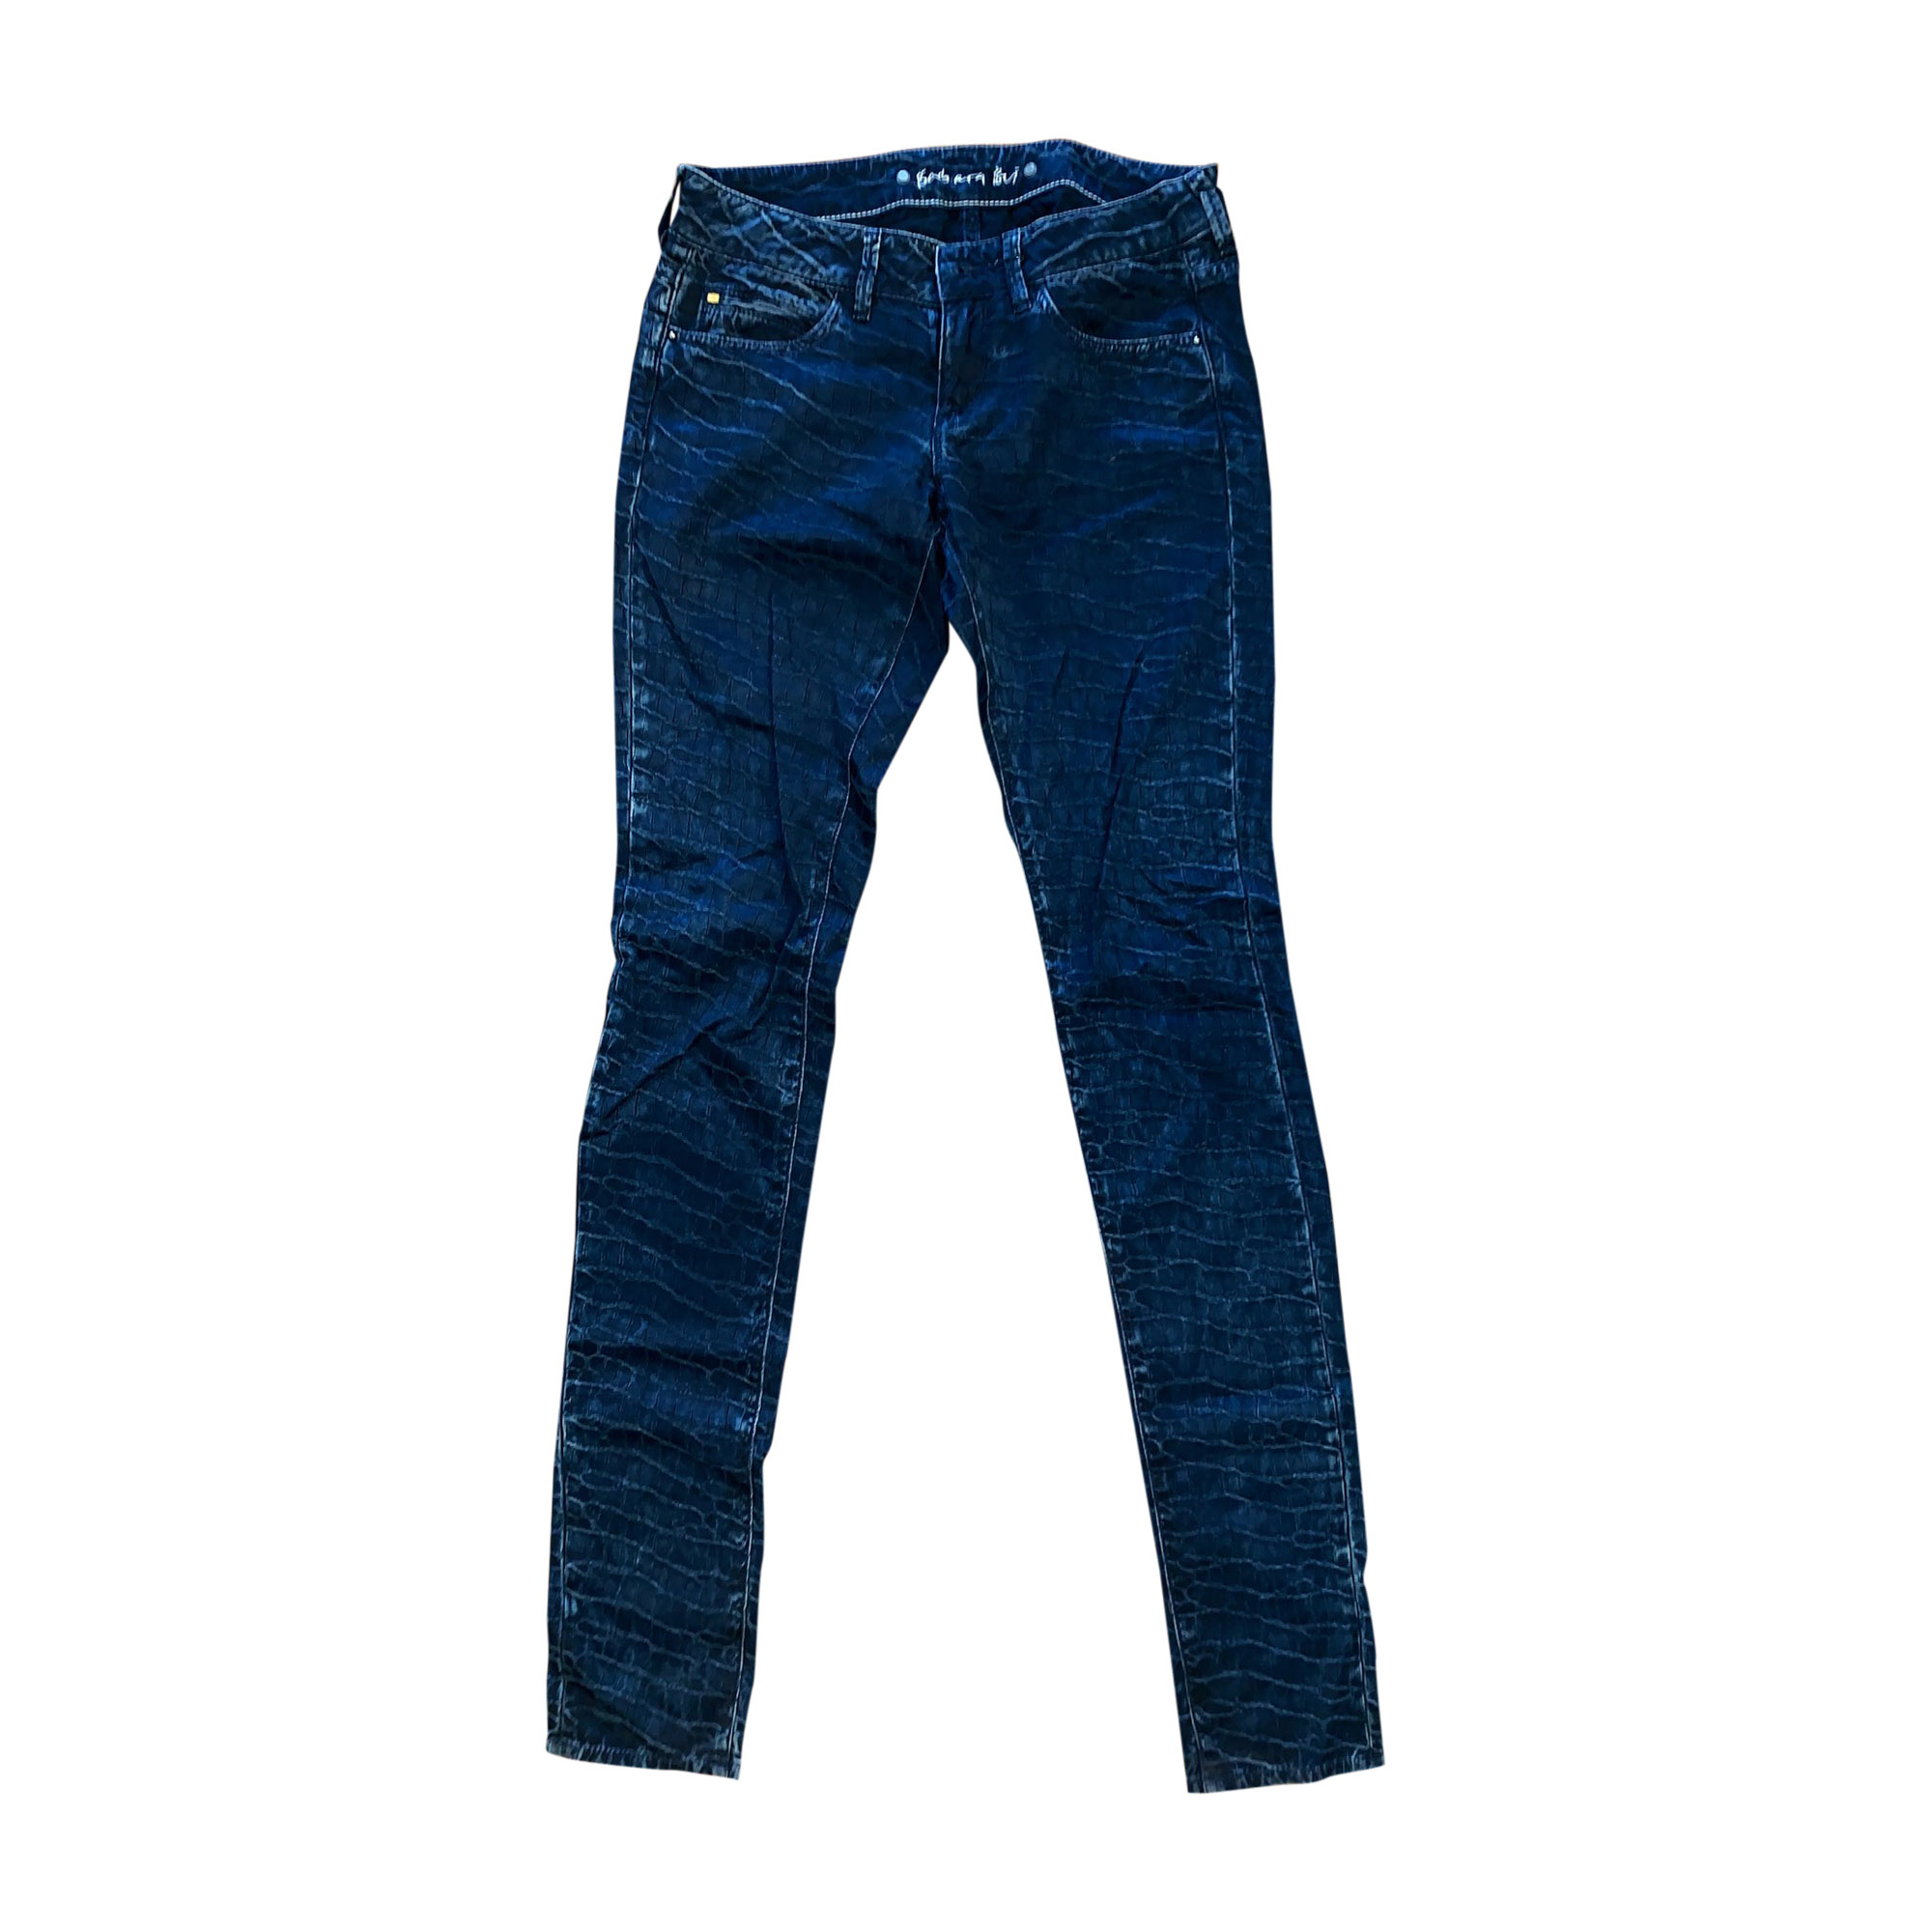 Pantalon slim, cigarette BARBARA BUI Bleu, bleu marine, bleu turquoise